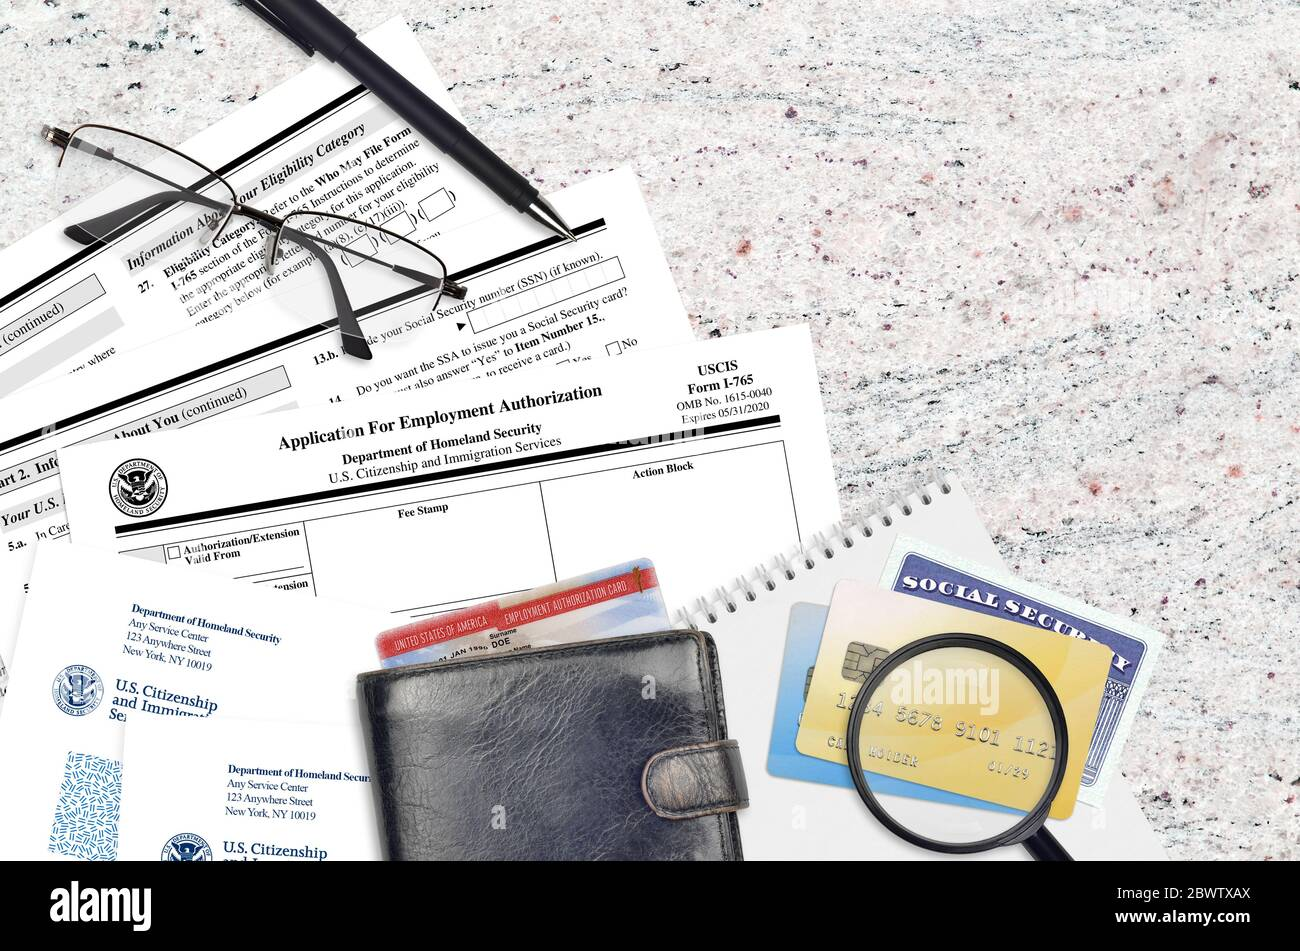 Formulario USCIS I-765 la solicitud de autorización de empleo se encuentra en una mesa plana de oficinas y lista para llenar. Servicios de Ciudadanía e Inmigración de los Estados Unidos p Foto de stock